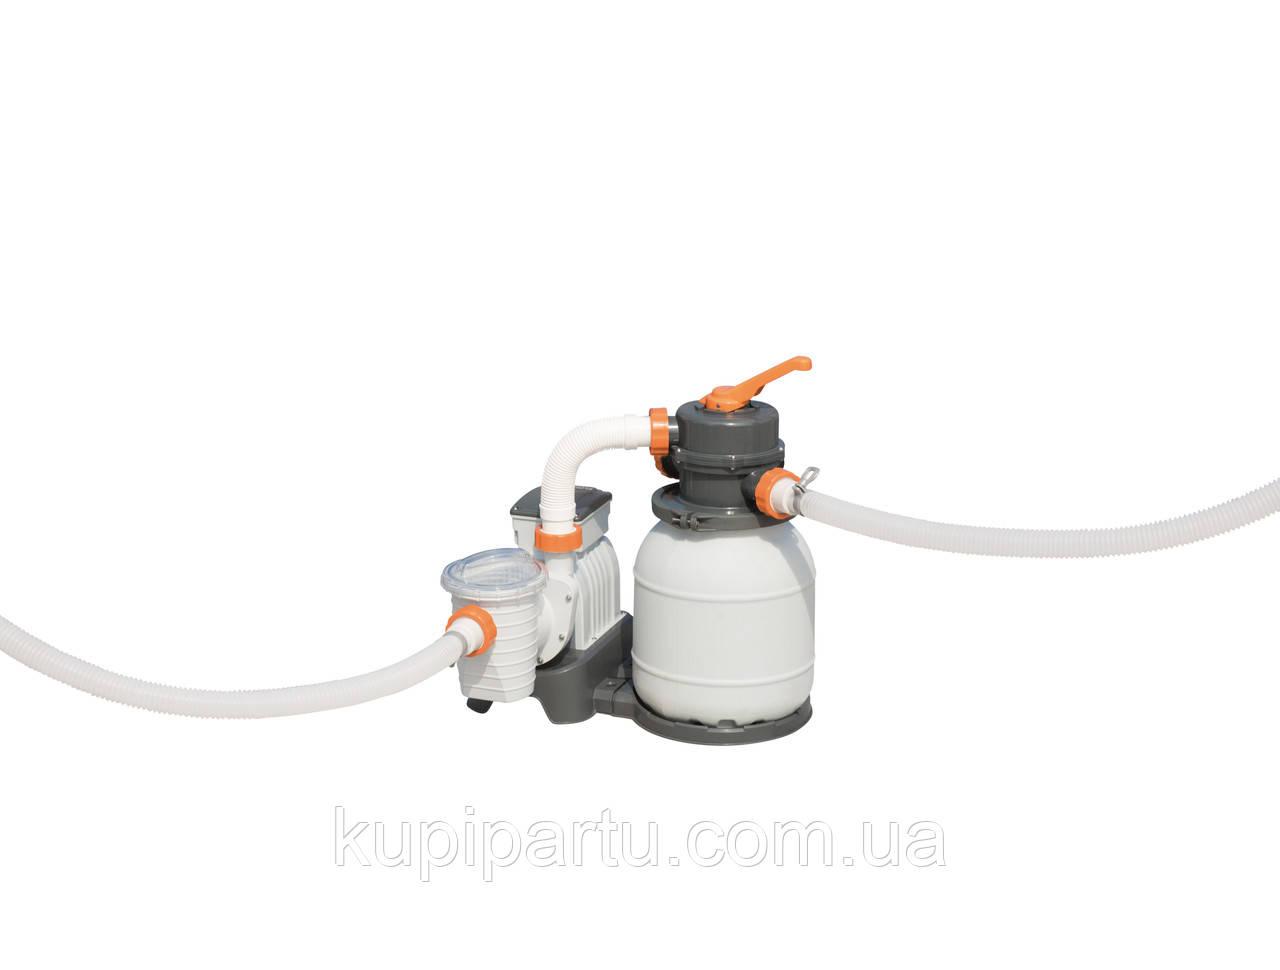 58495 BW Песочный фильтр-насос 3785 л/ч , резервуар для песка 9 кг